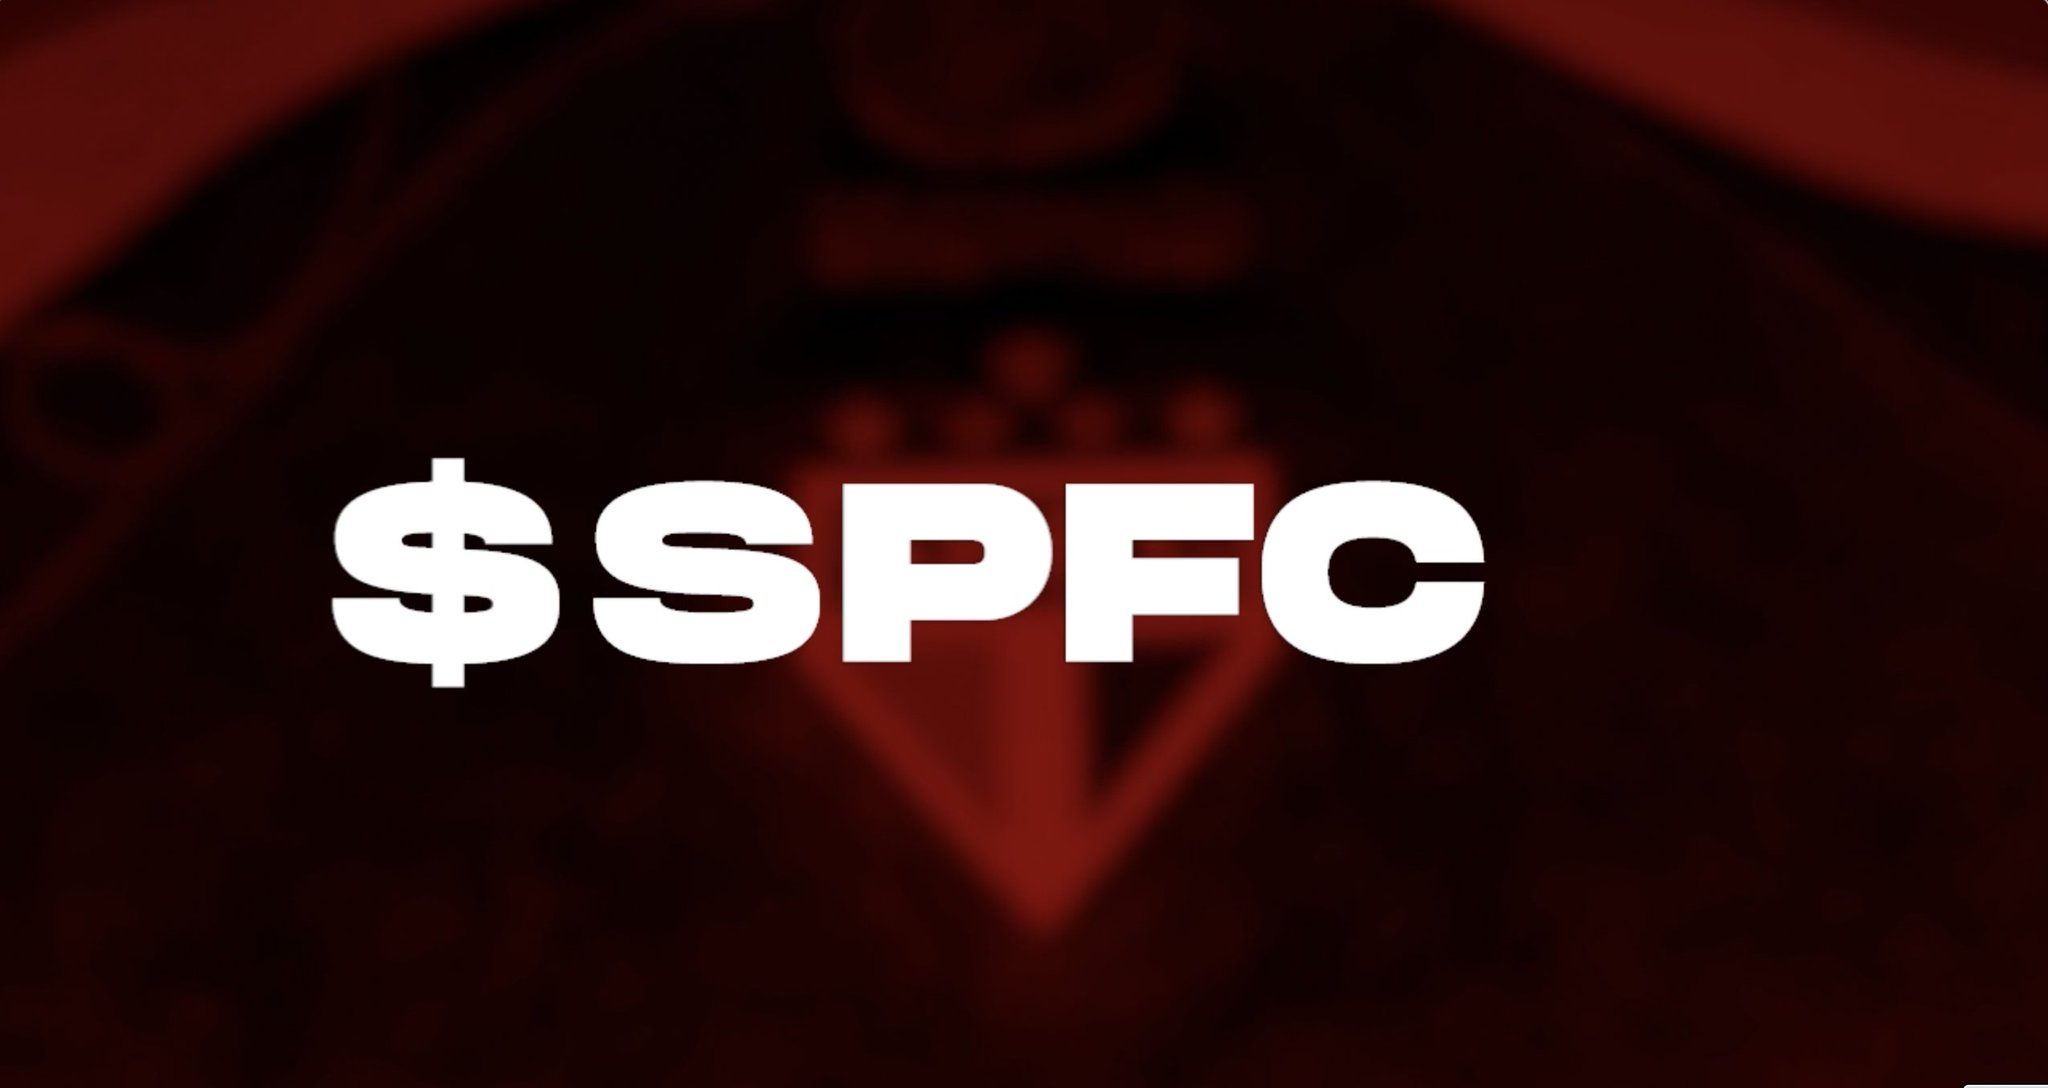 SPFC Twitter